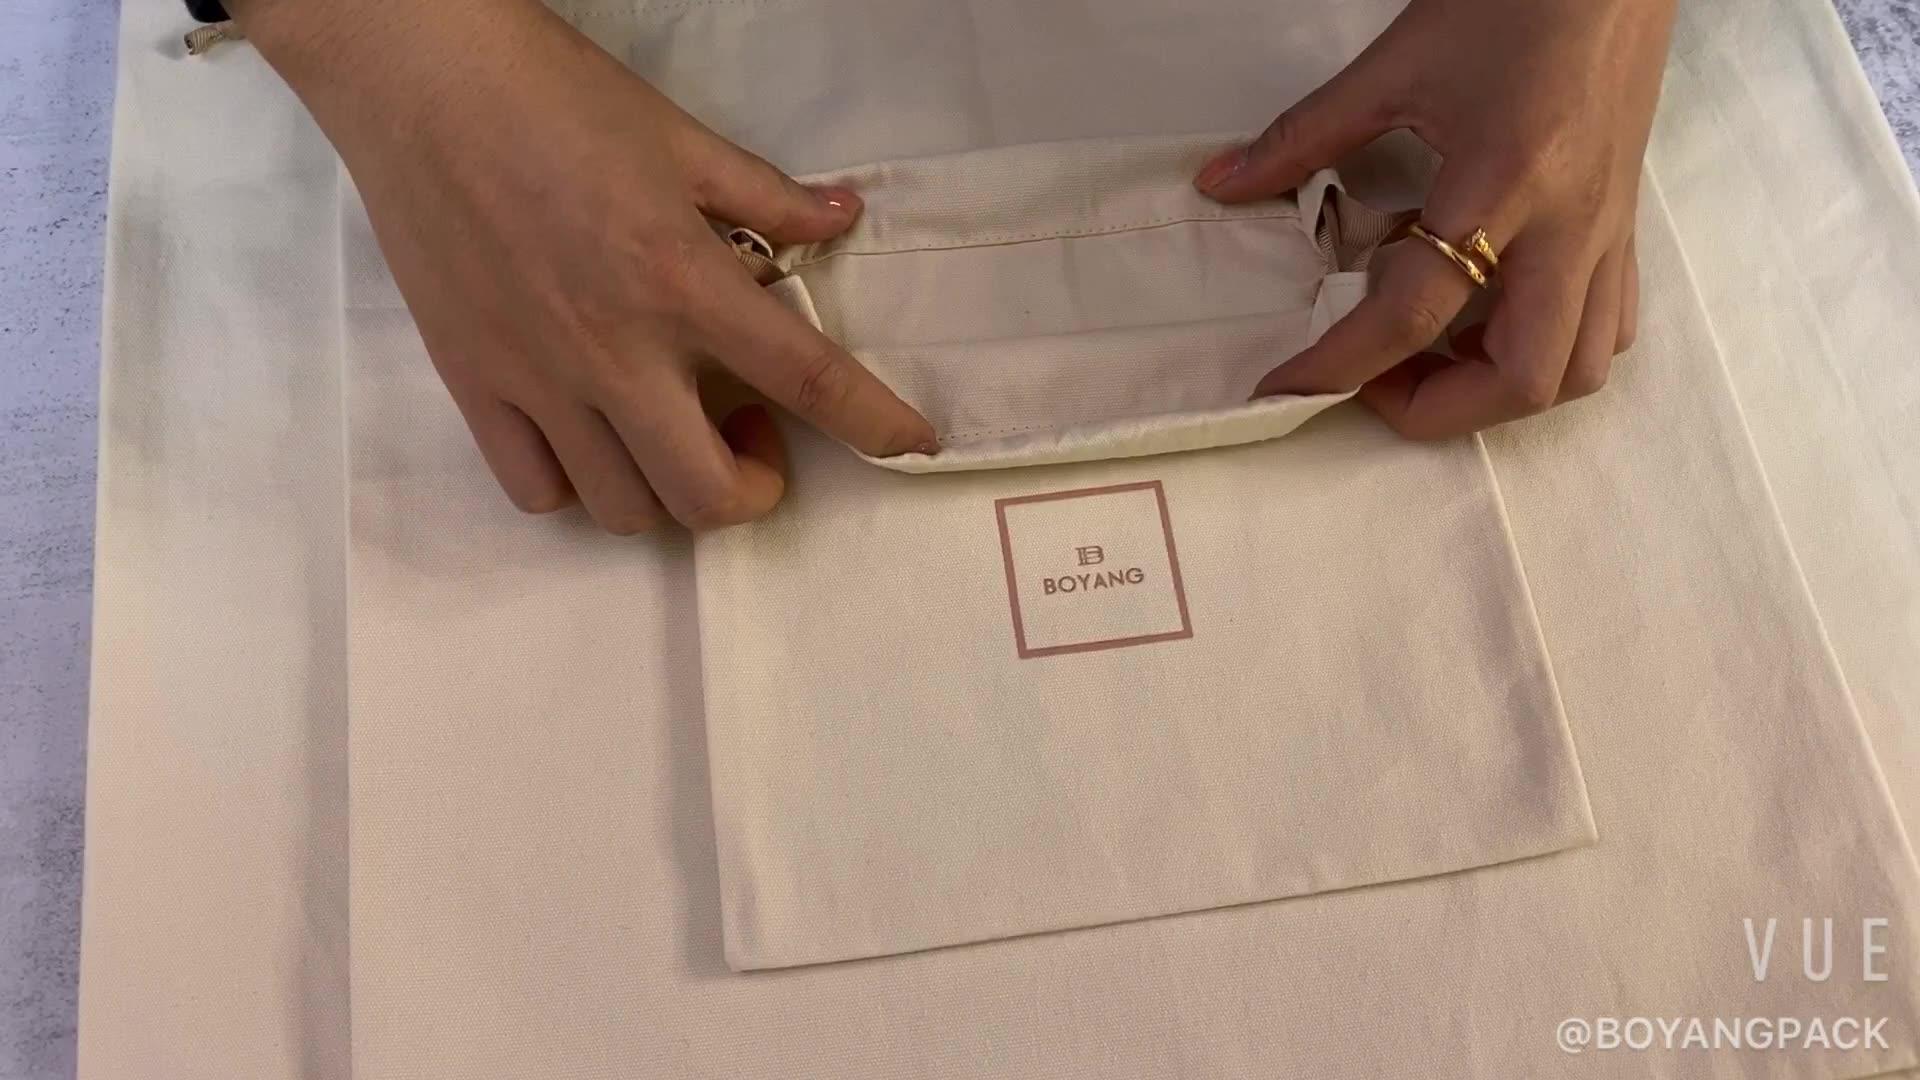 棉帆布束口鞋袋定做服装防尘收纳包装袋 高端棉布束口拉绳袋定制